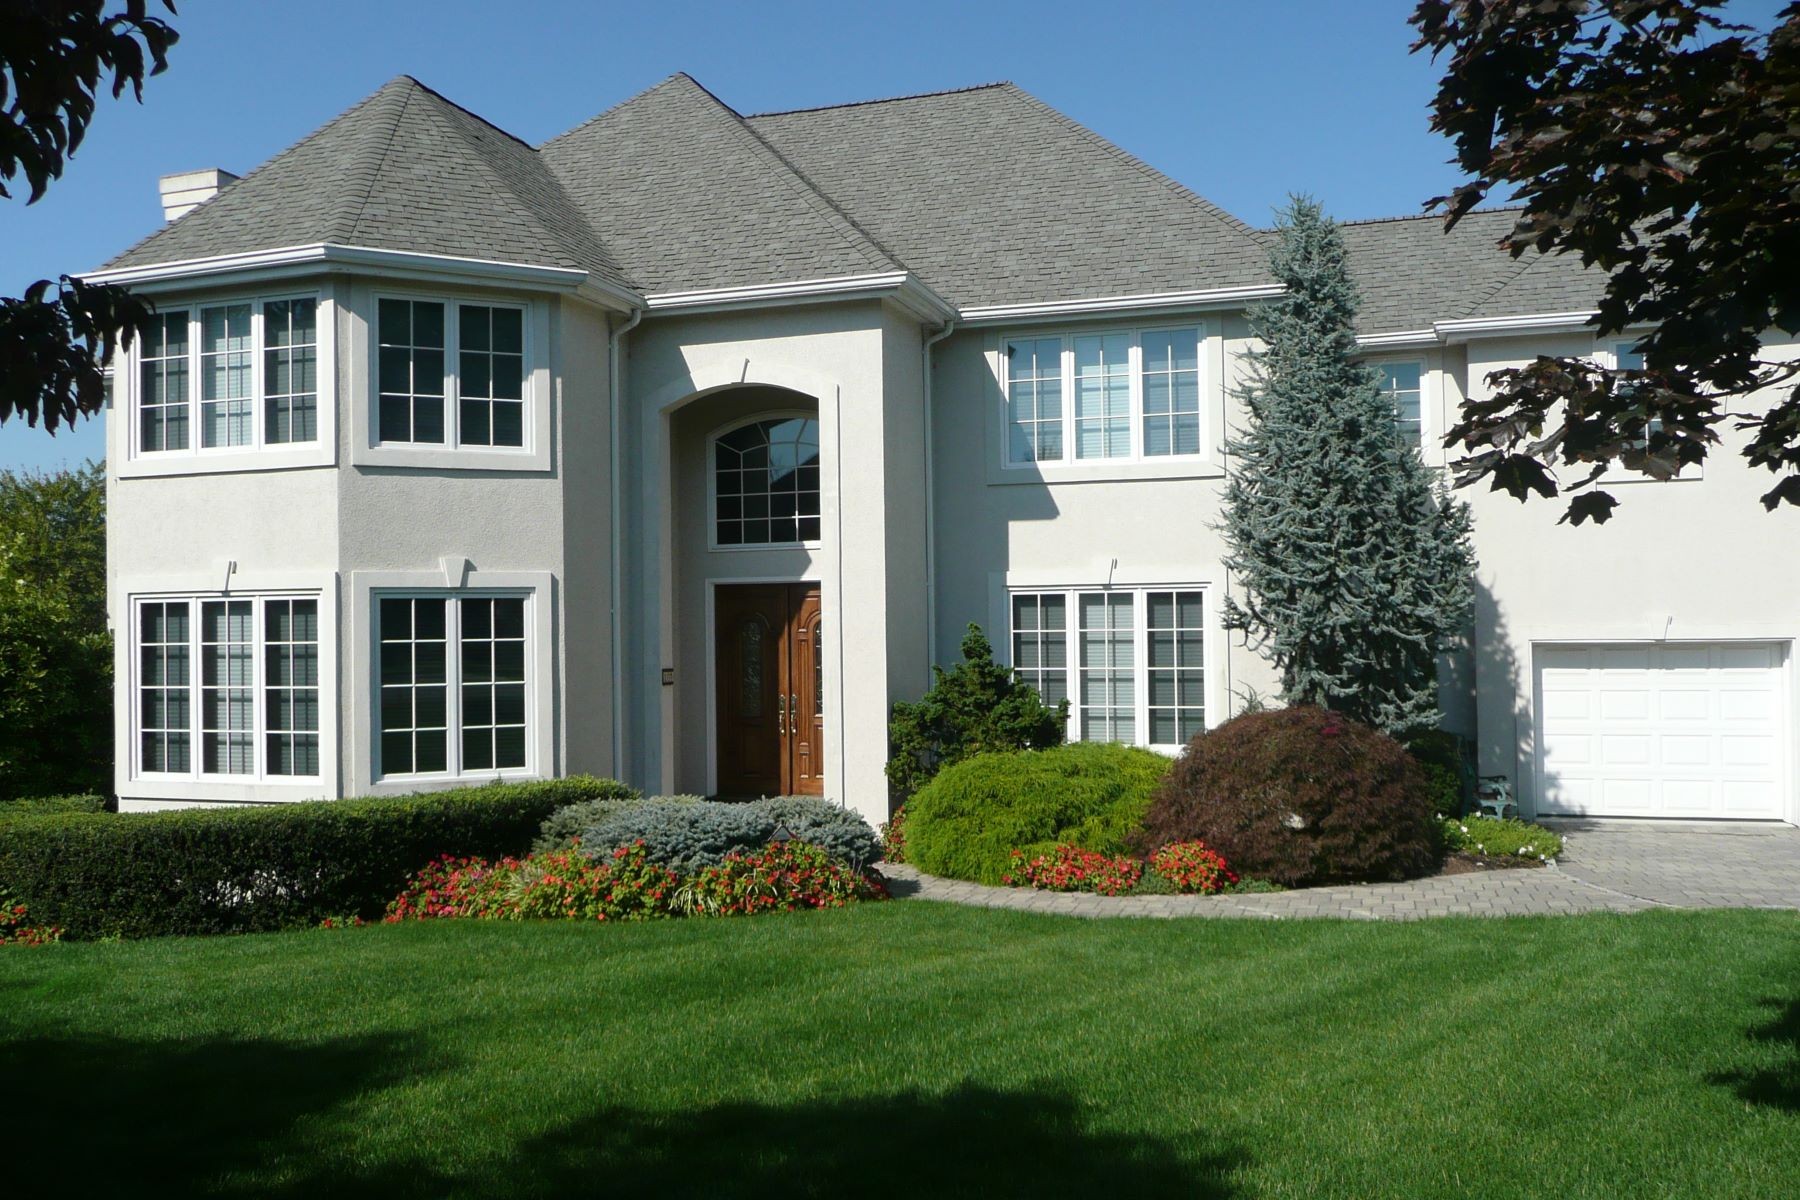 一戸建て のために 売買 アット Modern & Classic 10 Blackledge Ct Closter, ニュージャージー 07626 アメリカ合衆国